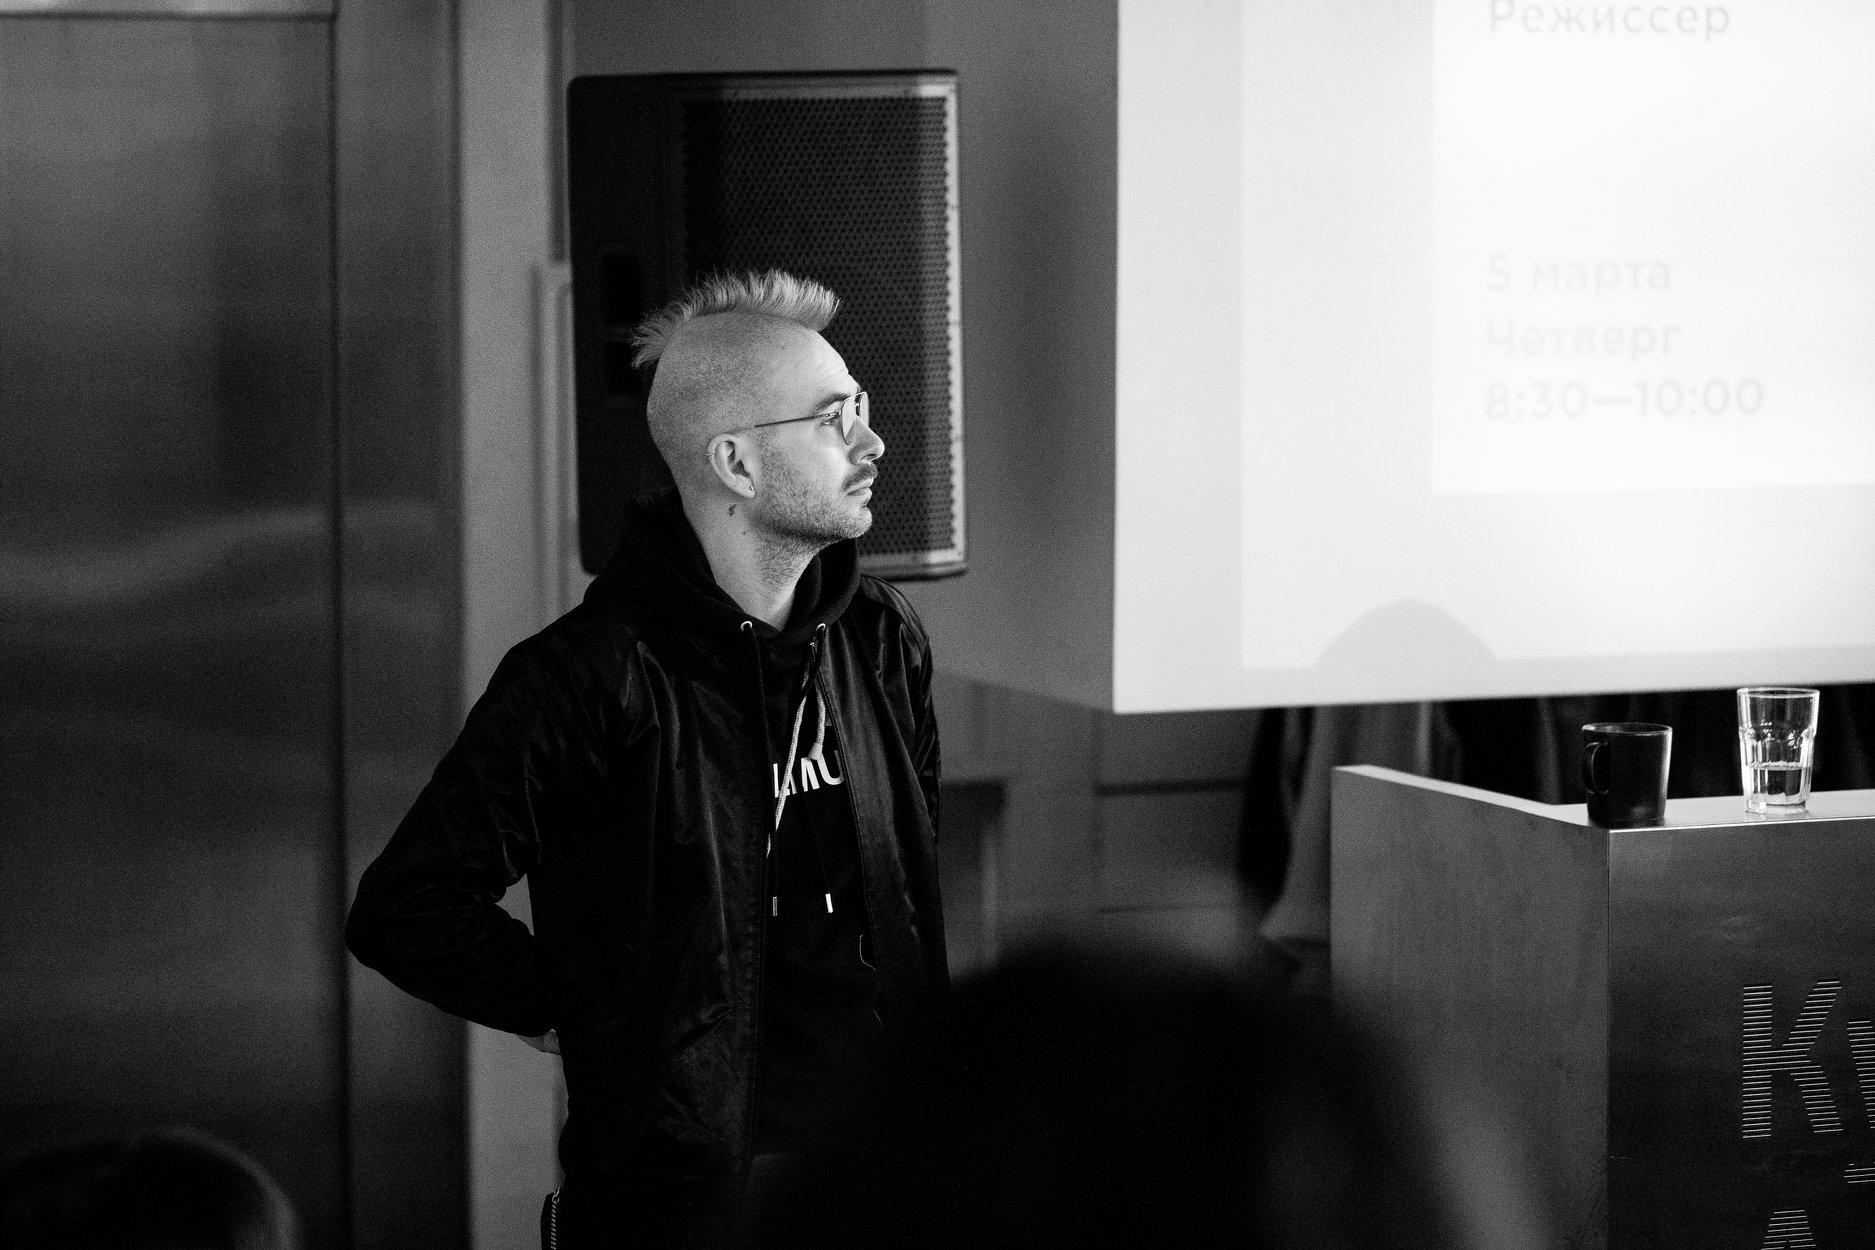 УКРАИНА-ЗАРИСОВКИ: Сергей Вовк, сооснователь KAMA и музыкального лейбла Thousand Kisses Place, об украинском Севастополе, низких налогах и самой креативной нации